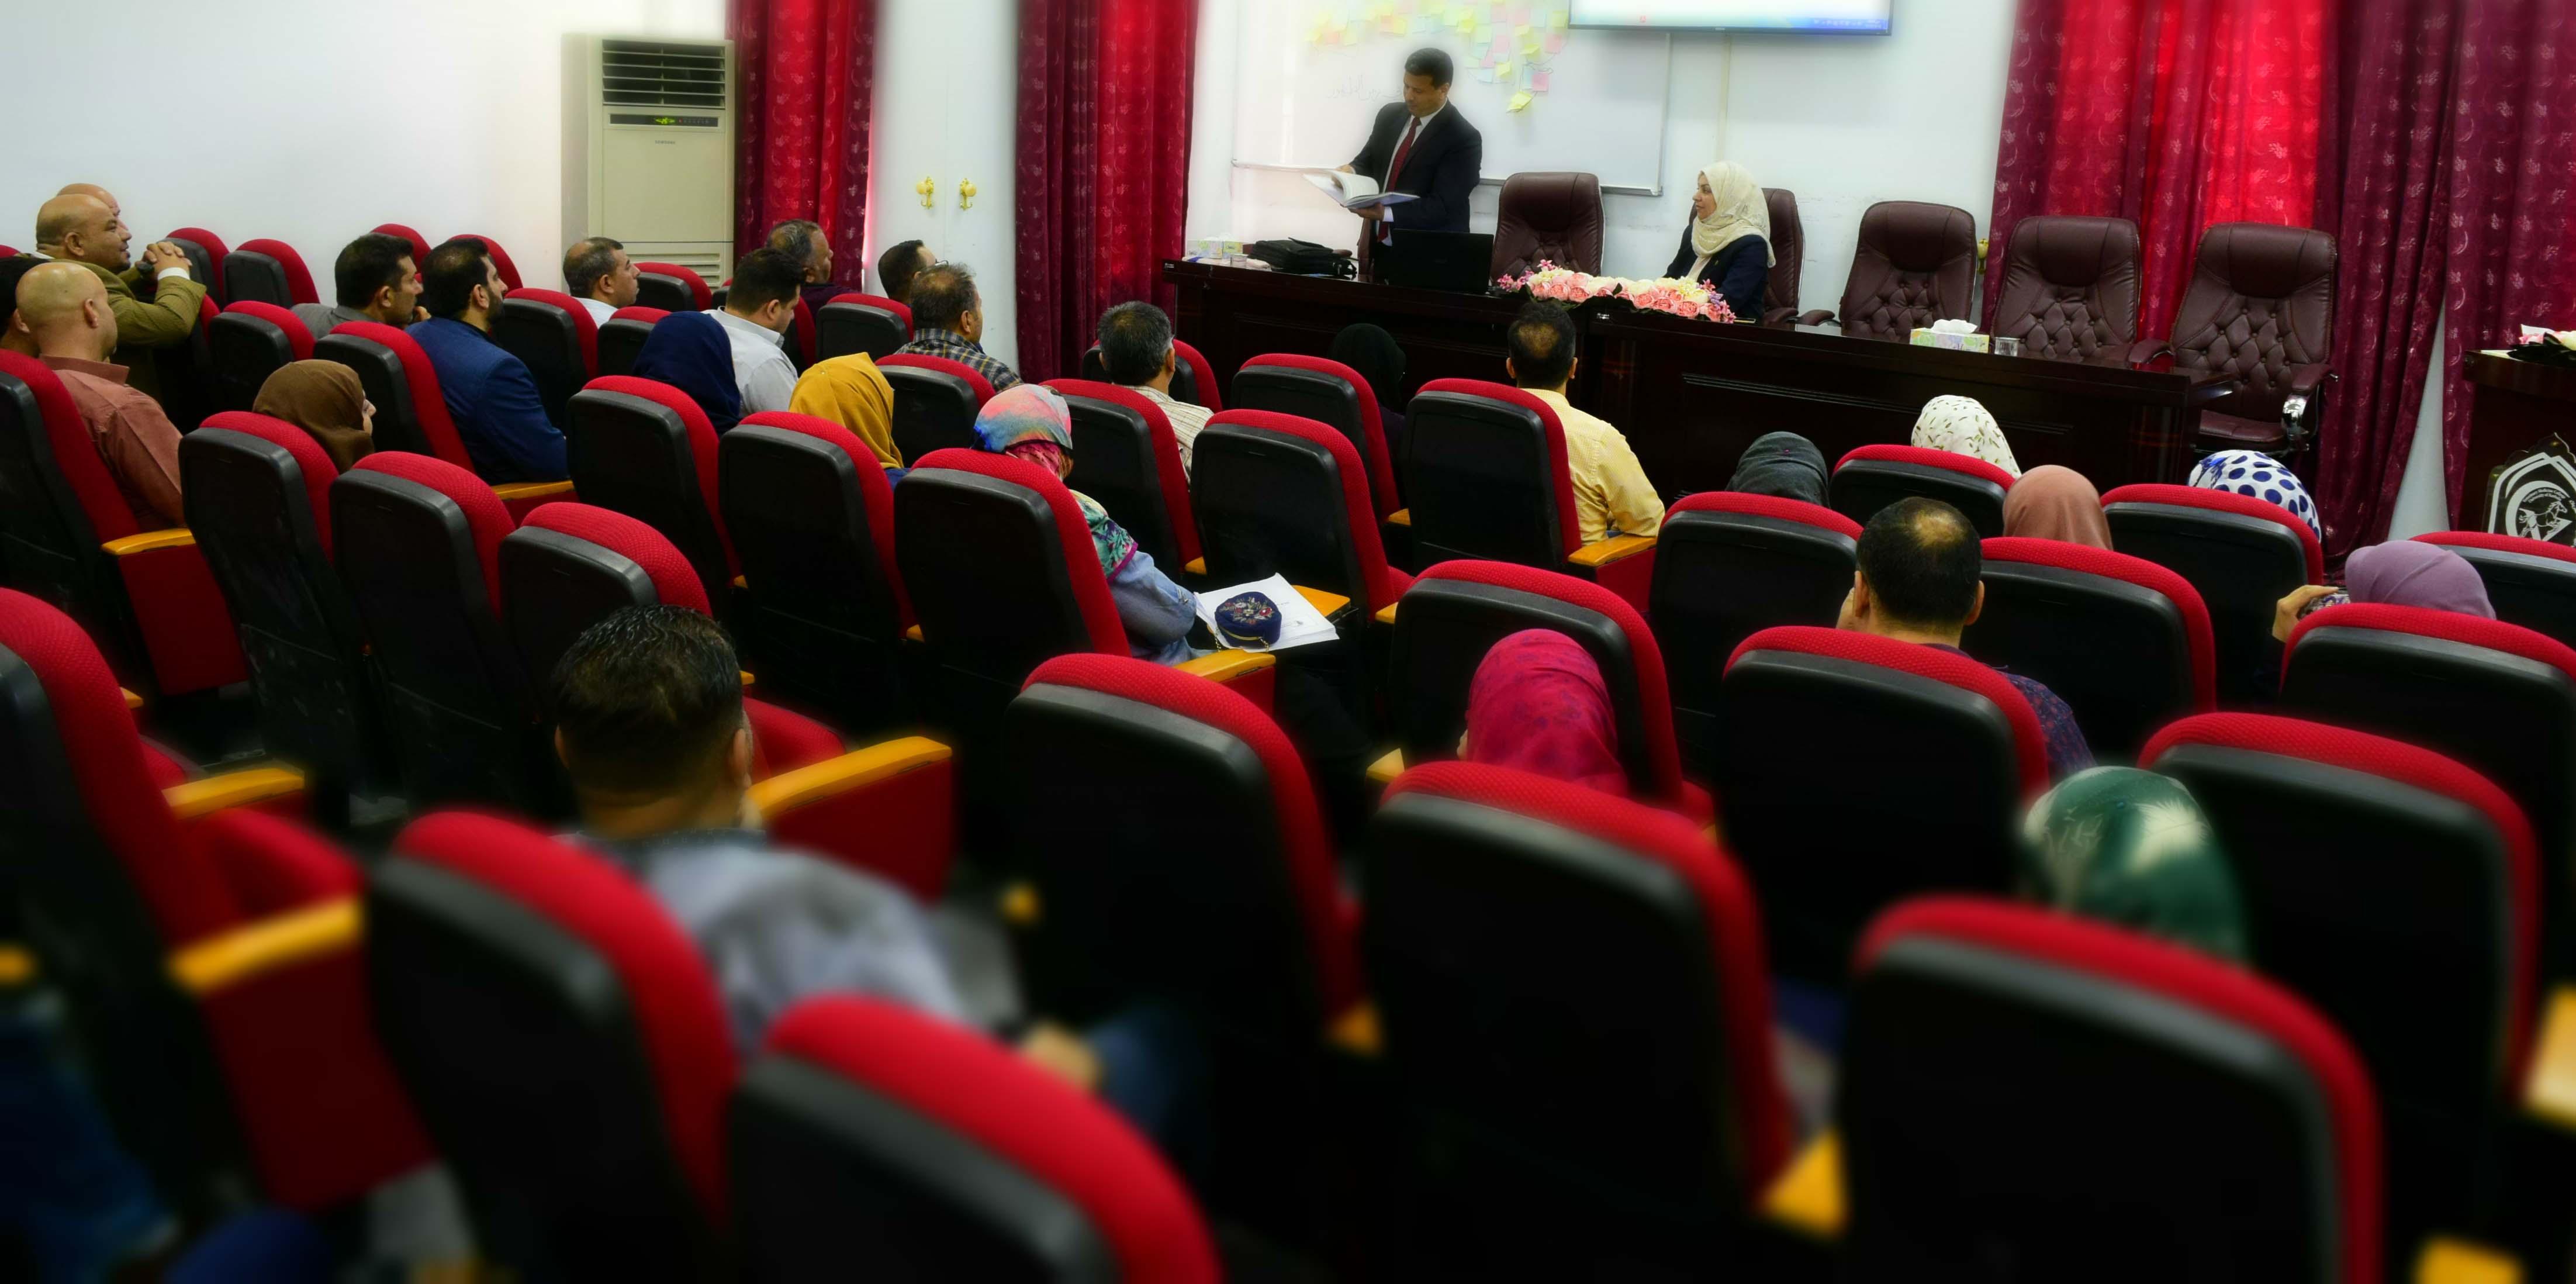 التعليم المستند الى الدماغ ندوة علمية اقامتها كلية الطب البيطري بجامعة كربلاء